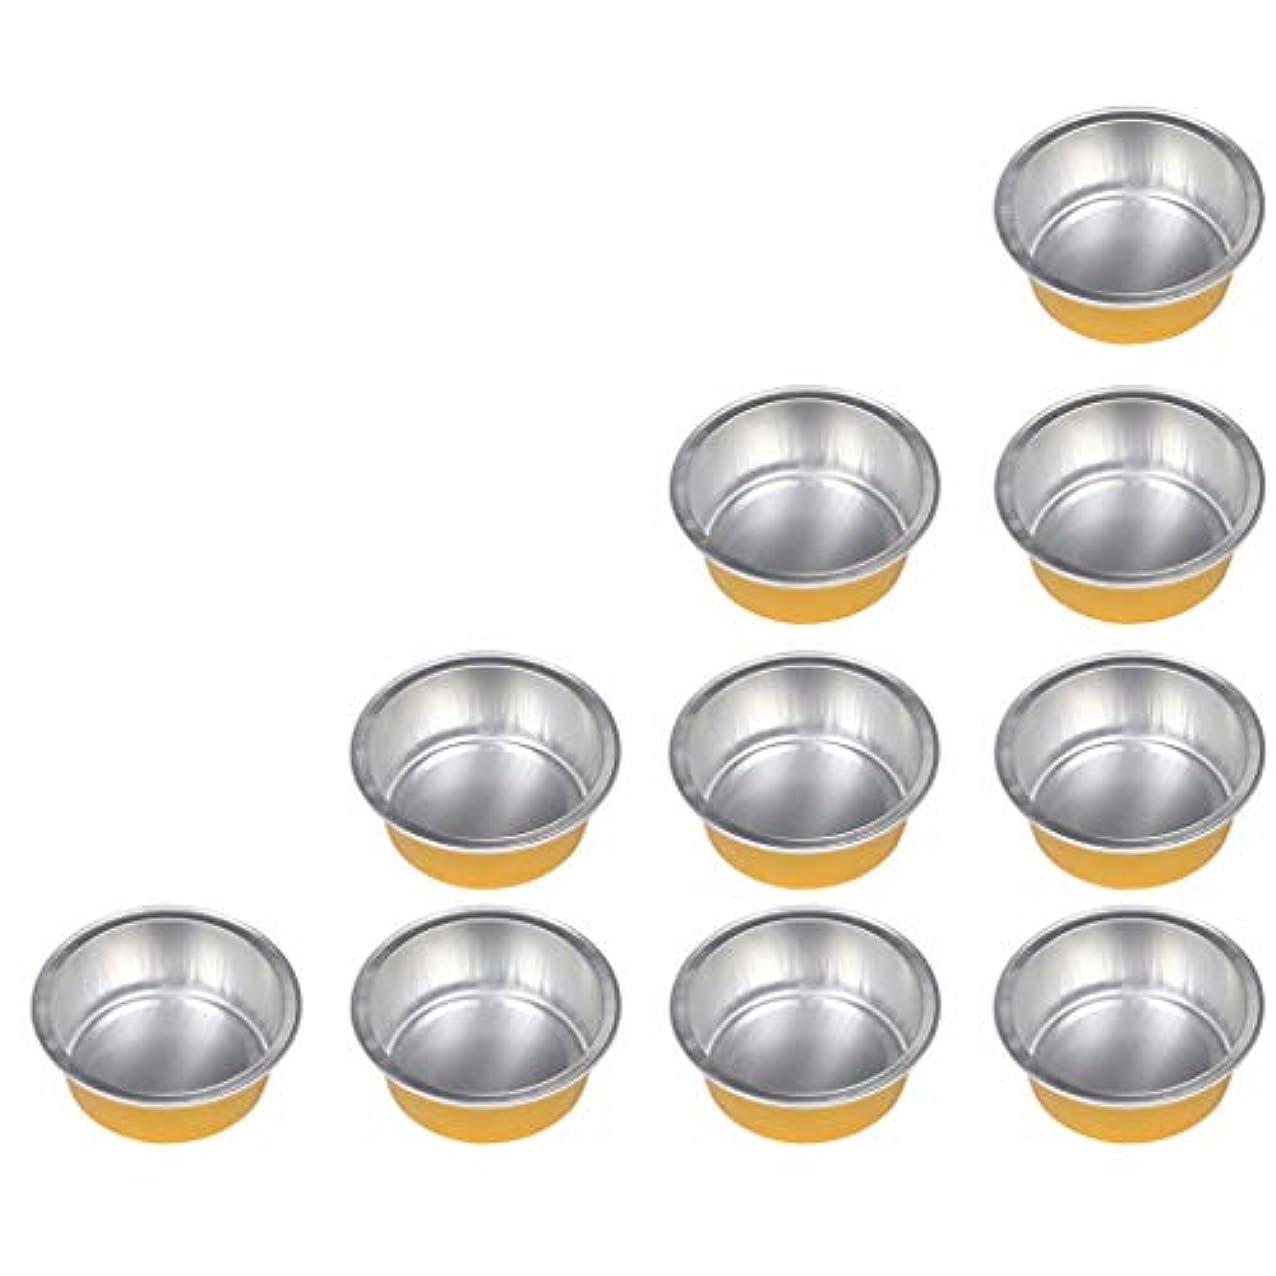 故意の合法知覚するアルミホイルボウル 脱毛 毛除去 10個セット ミニ ワックス豆体 融解 2種選ぶ - ゴールデン1, 01